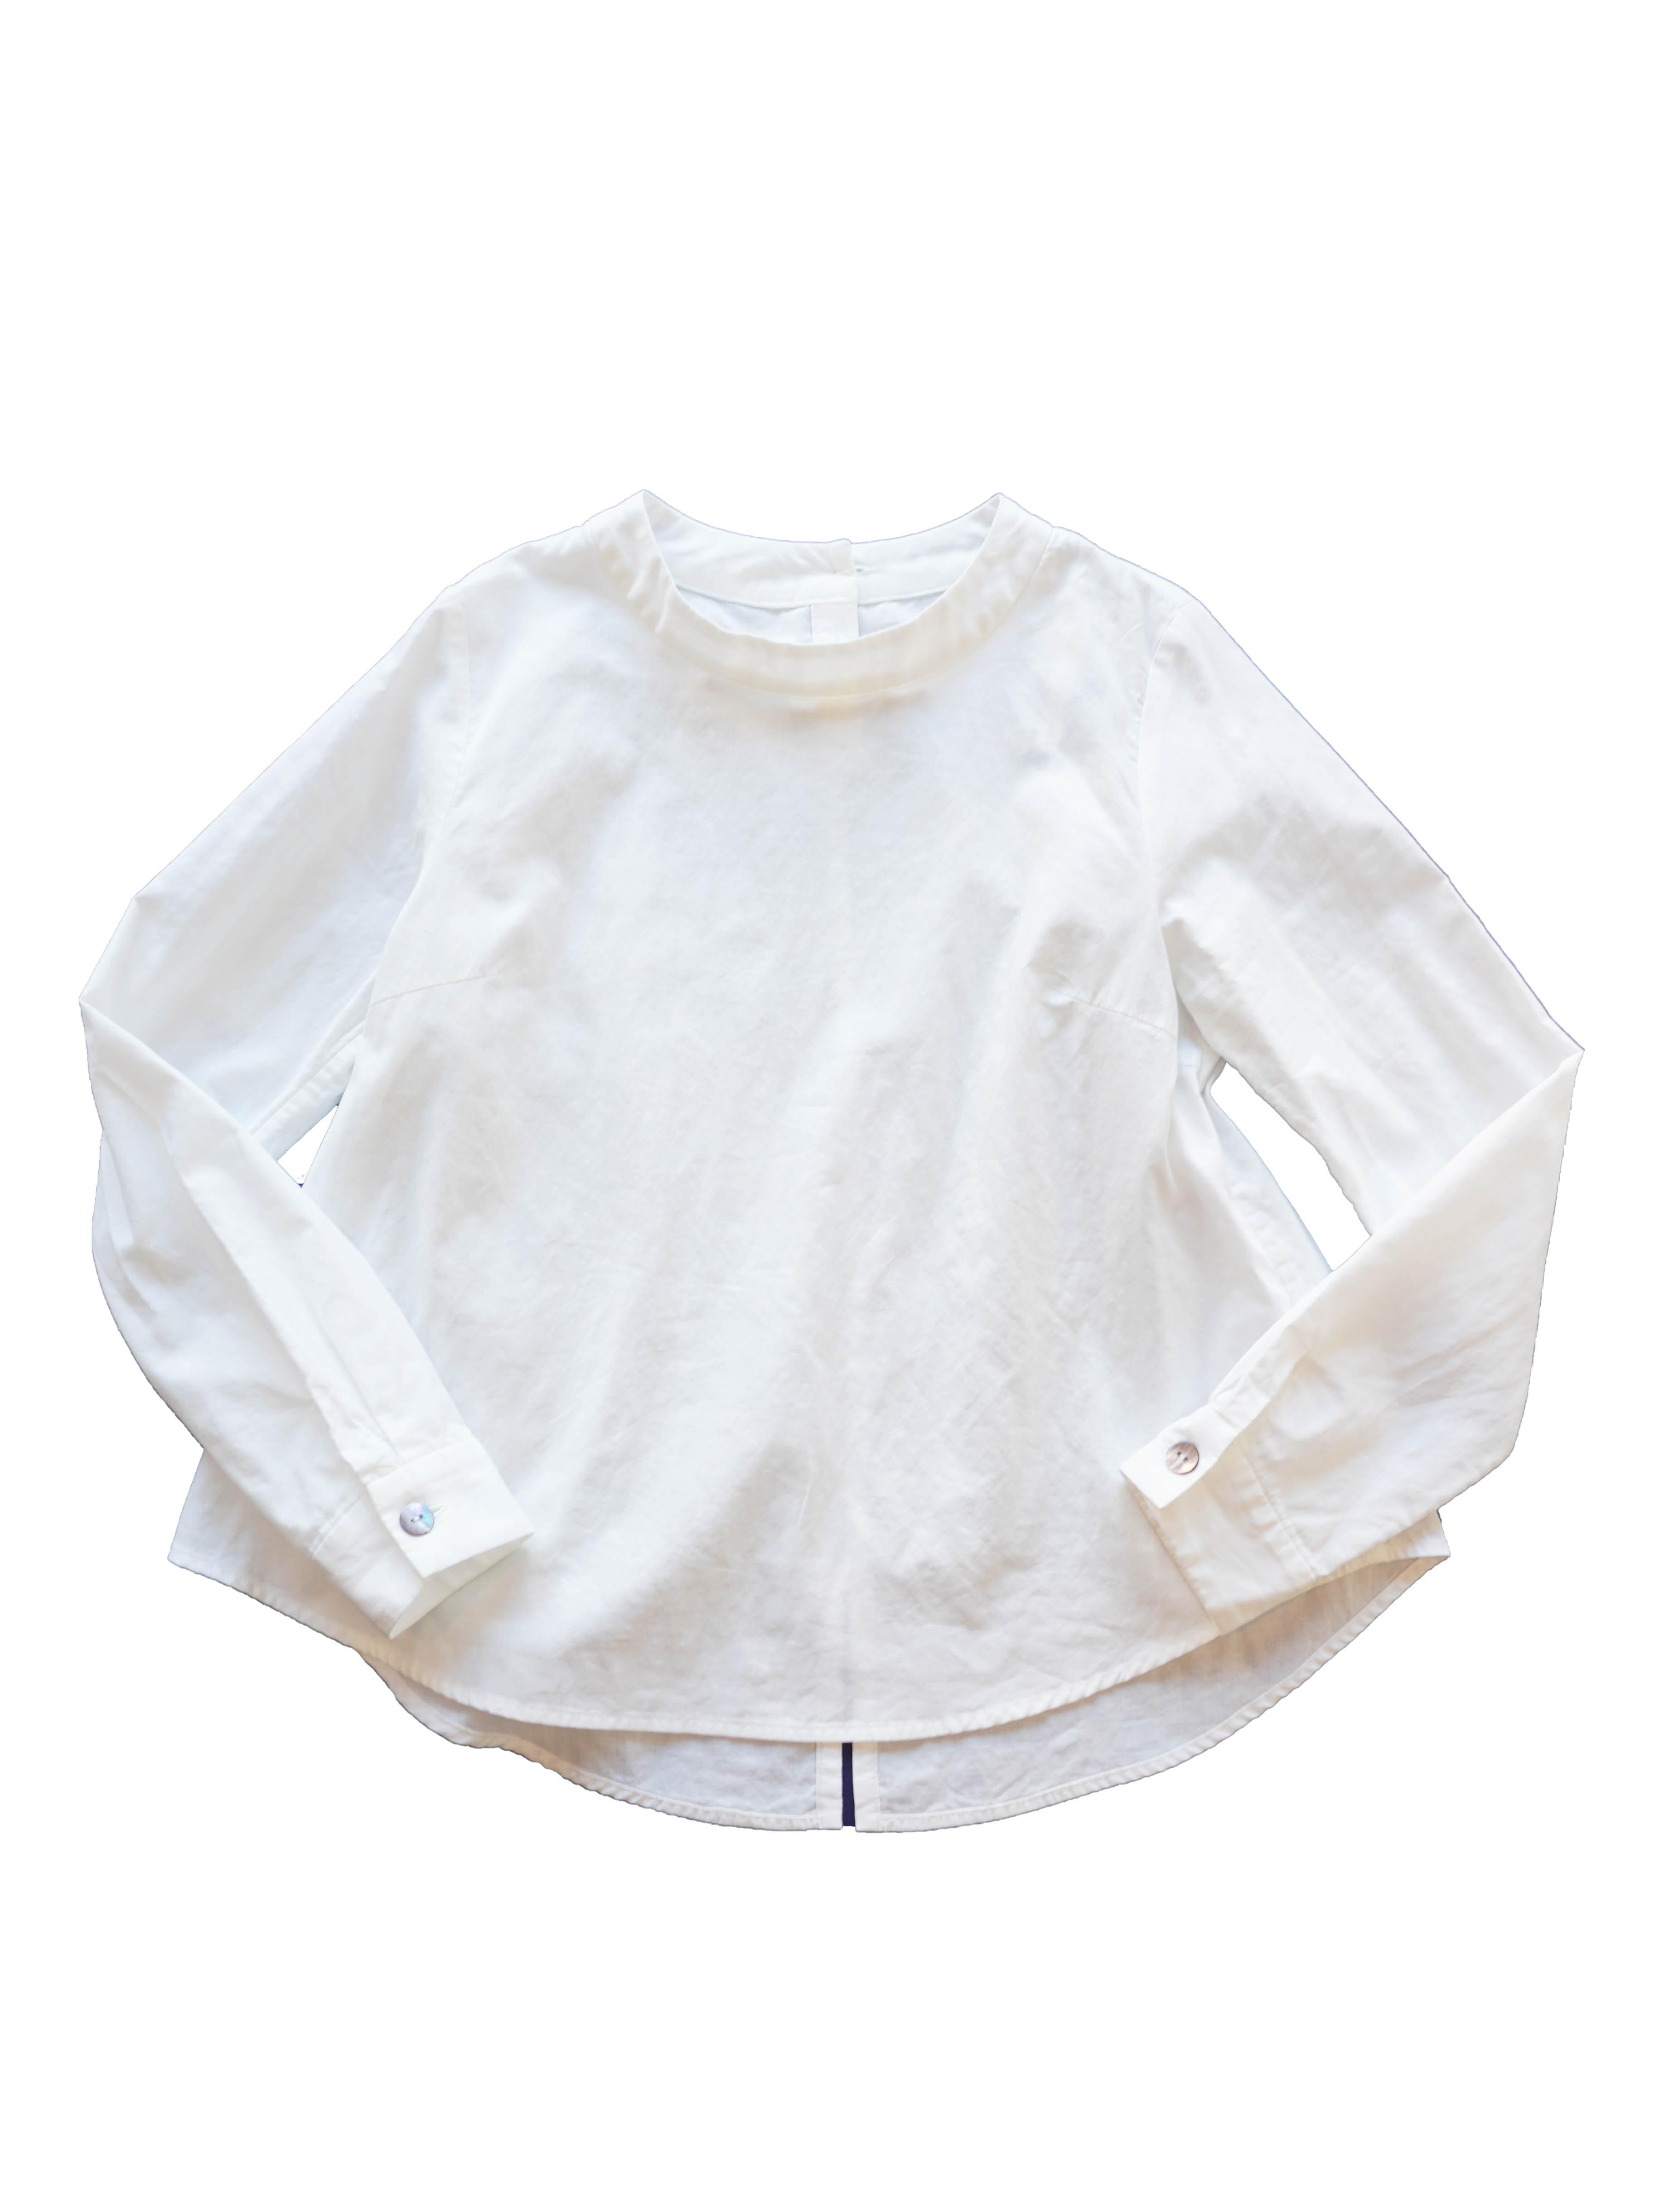 二重織スタンド衿プルオーバーシャツ